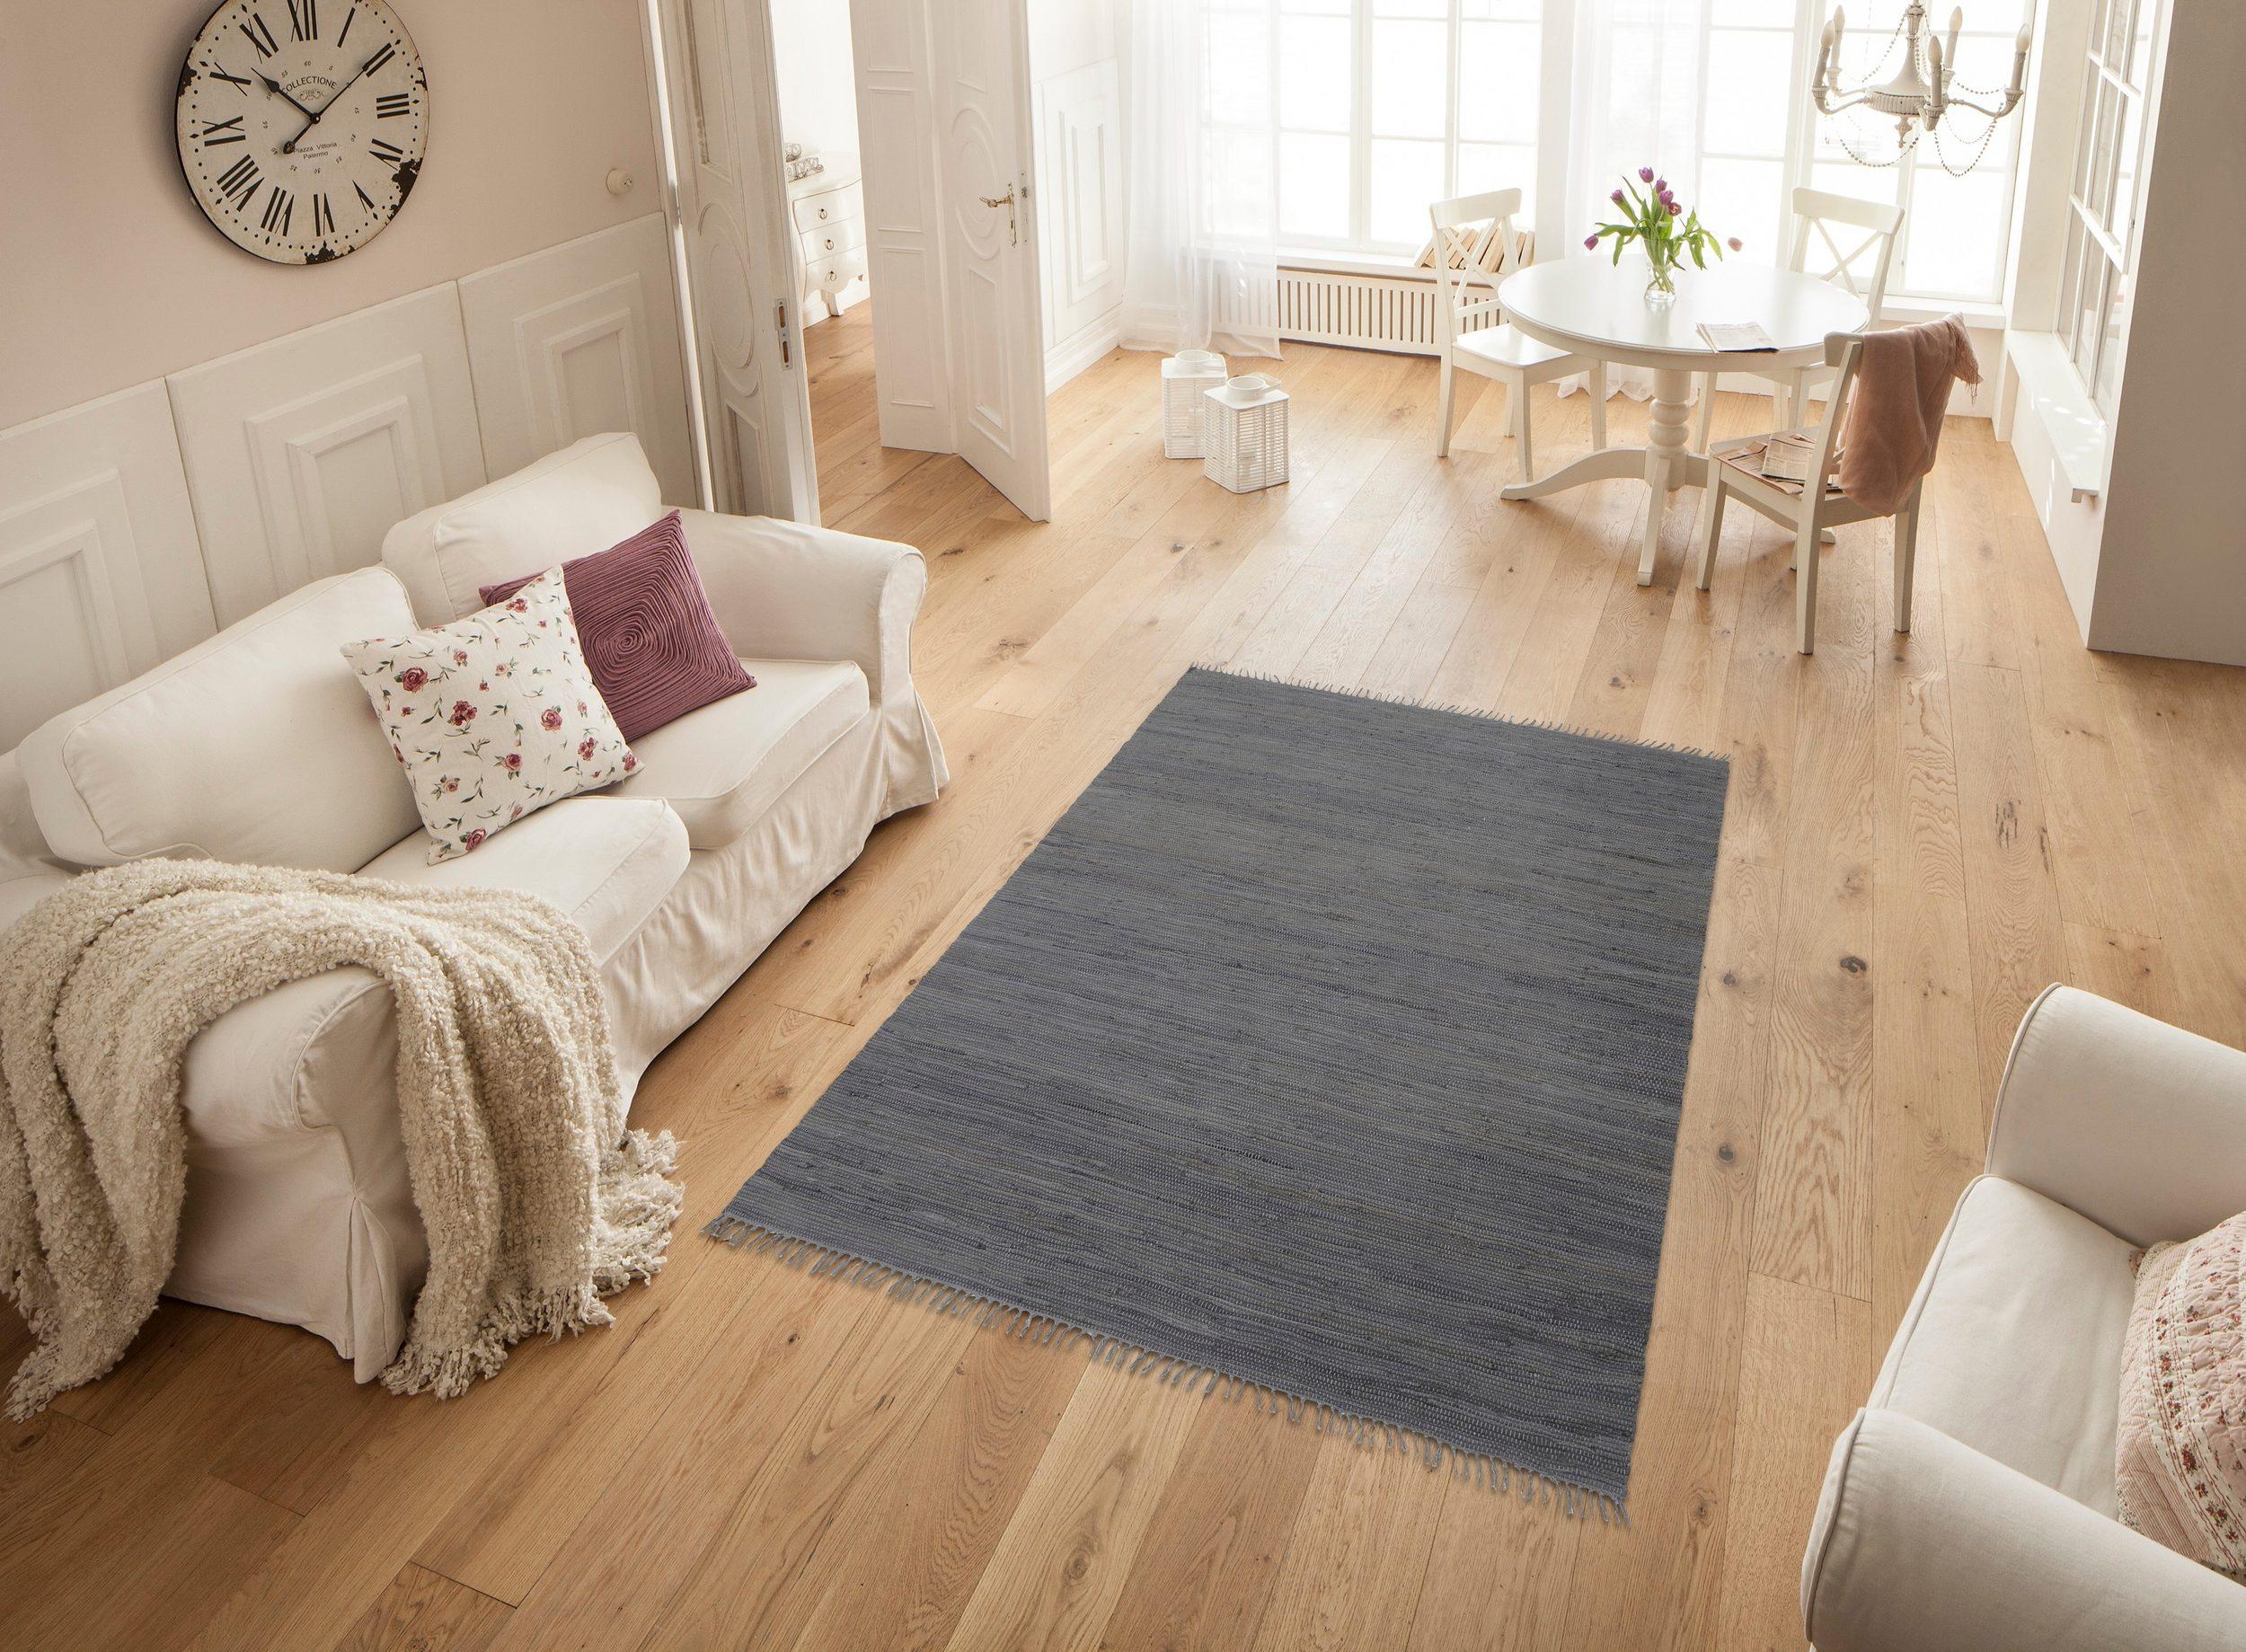 kleine zimmer einrichten tolle tipps f r den wohnbereich otto. Black Bedroom Furniture Sets. Home Design Ideas